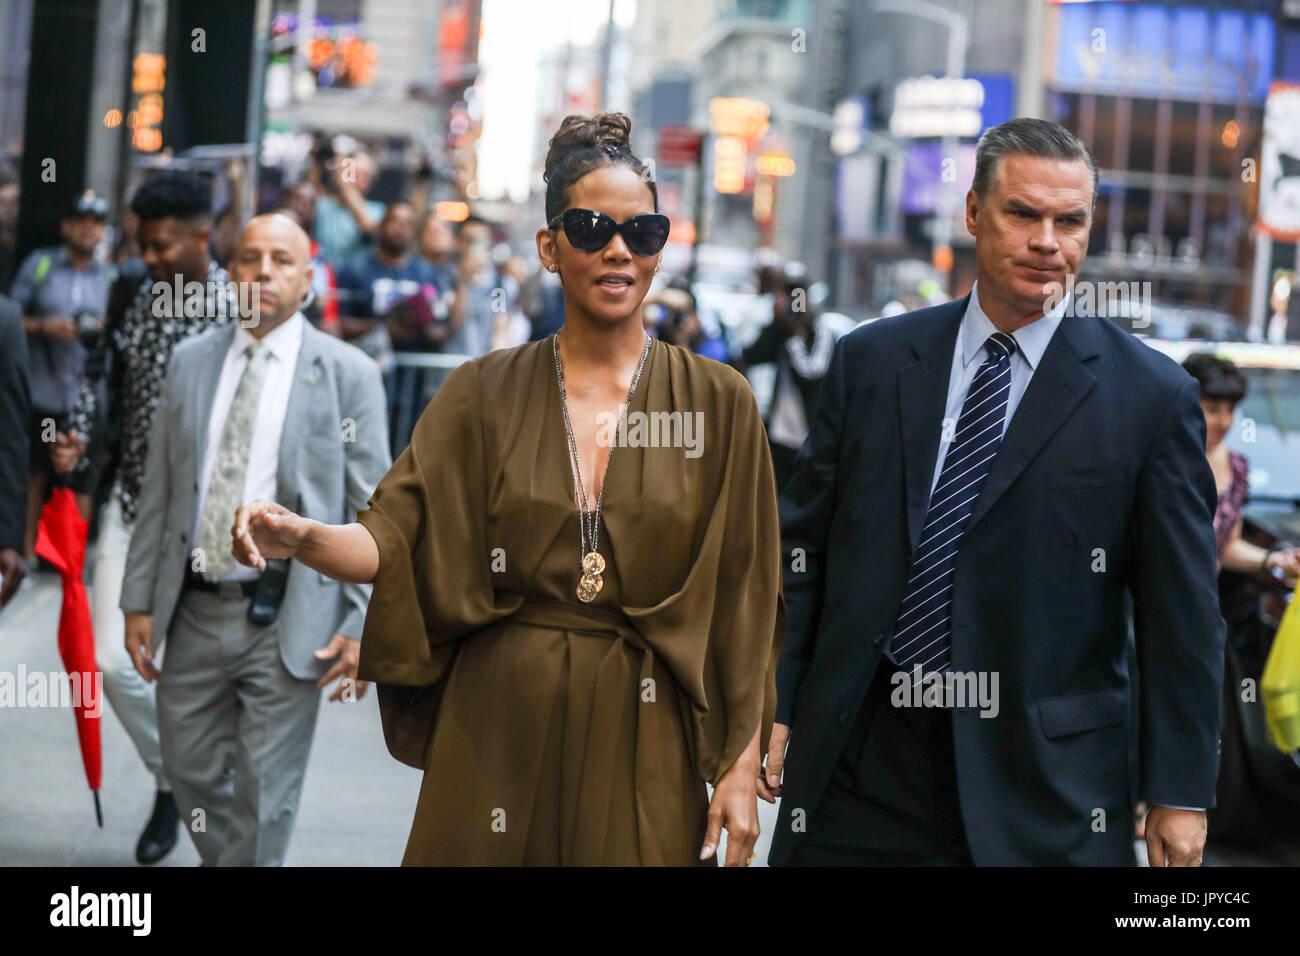 Nova Iorque, EUA. 3 Ago de 2017. Actriz americana Halle Berry é visto chegando num programa de televisão na área de Times Square de Nova Iorque nesta quinta-feira, 03. Crédito: Brasil Photo Prima/Alamy Notícias ao vivo Imagens de Stock